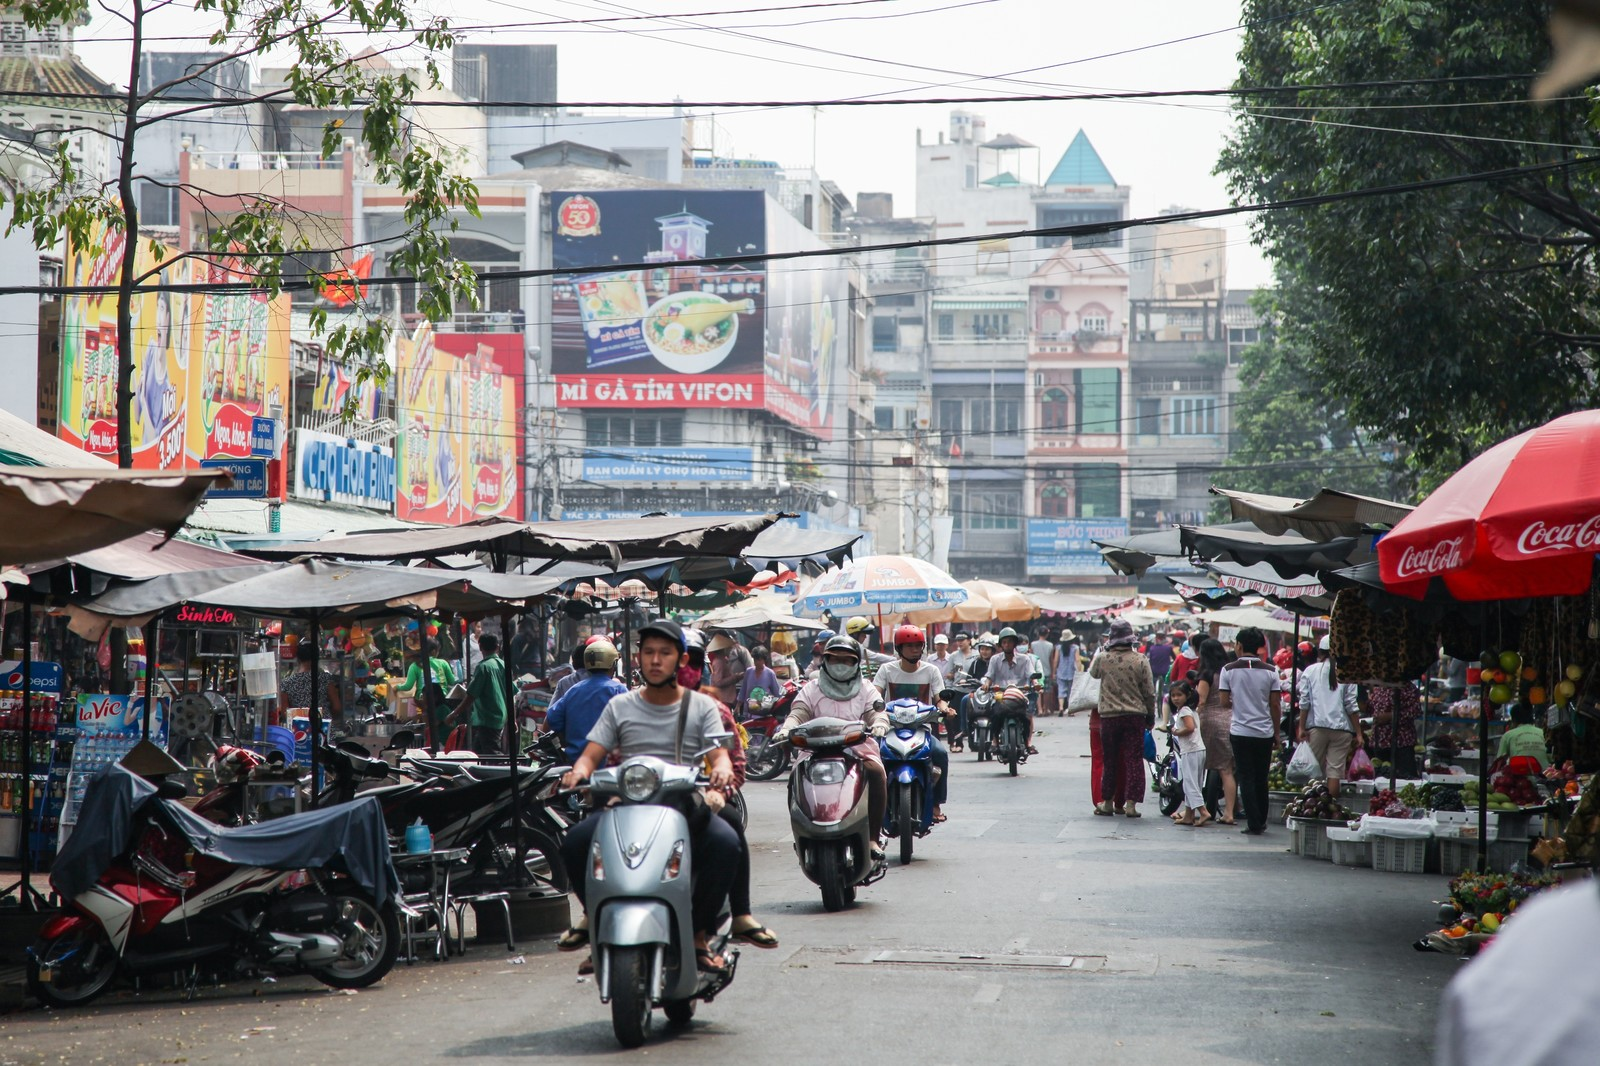 「ホーチミンのマーケットと走行するバイク」の写真